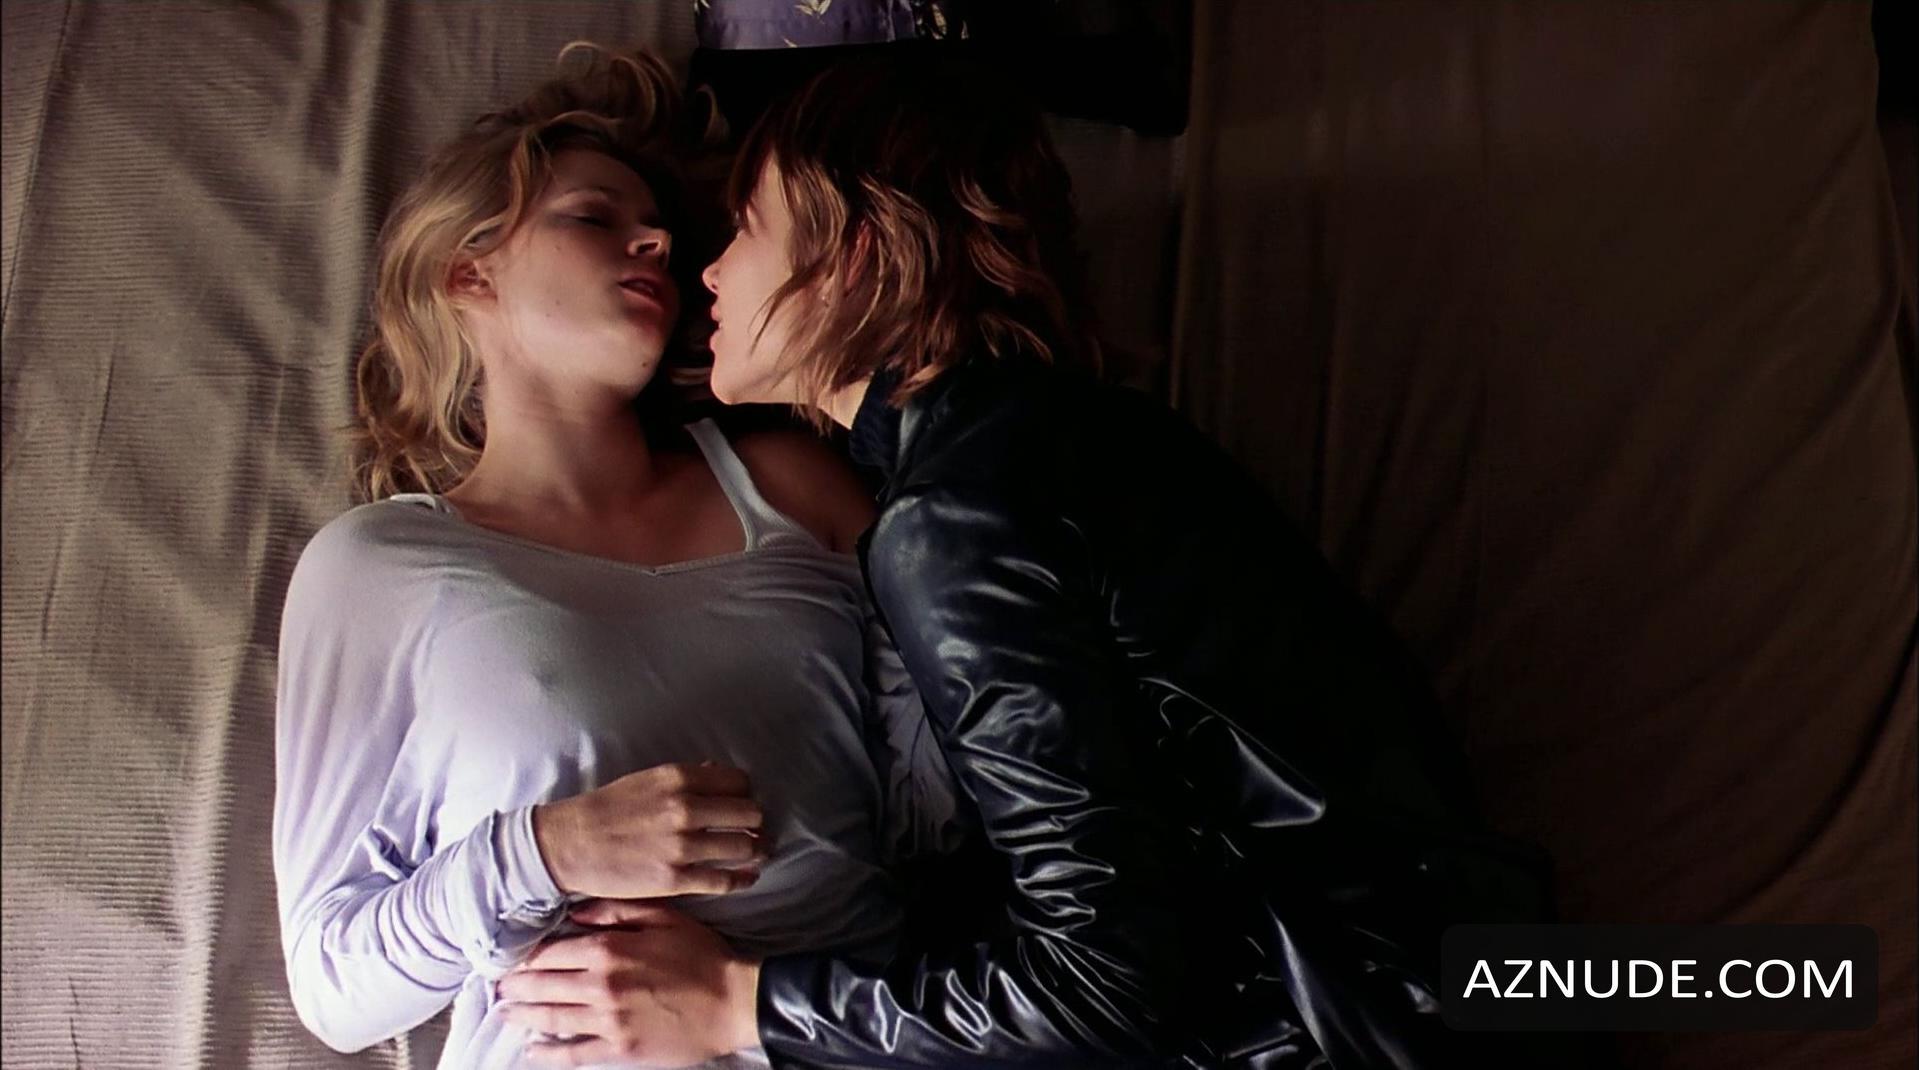 Lauren adams nude scene in night junkies scandalplanetcom - 2 part 1